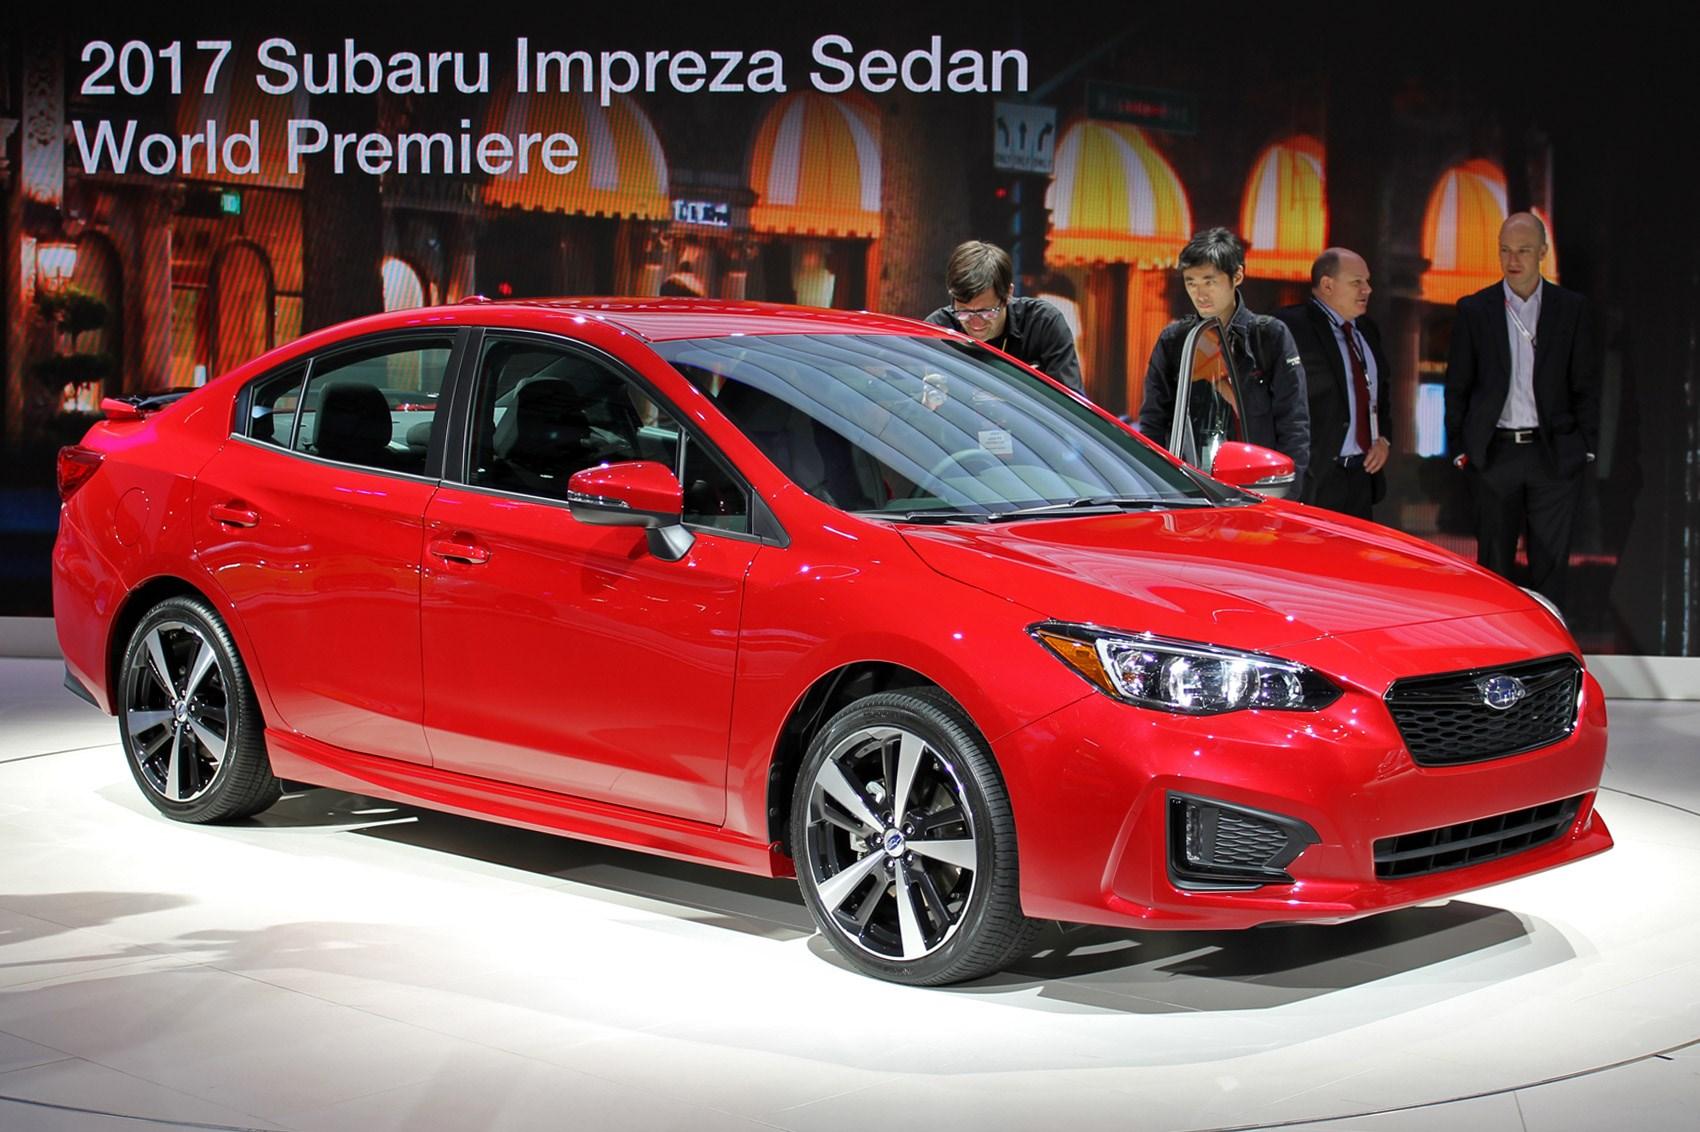 All New Subaru Impreza Wrx And Sti Versions In The Works